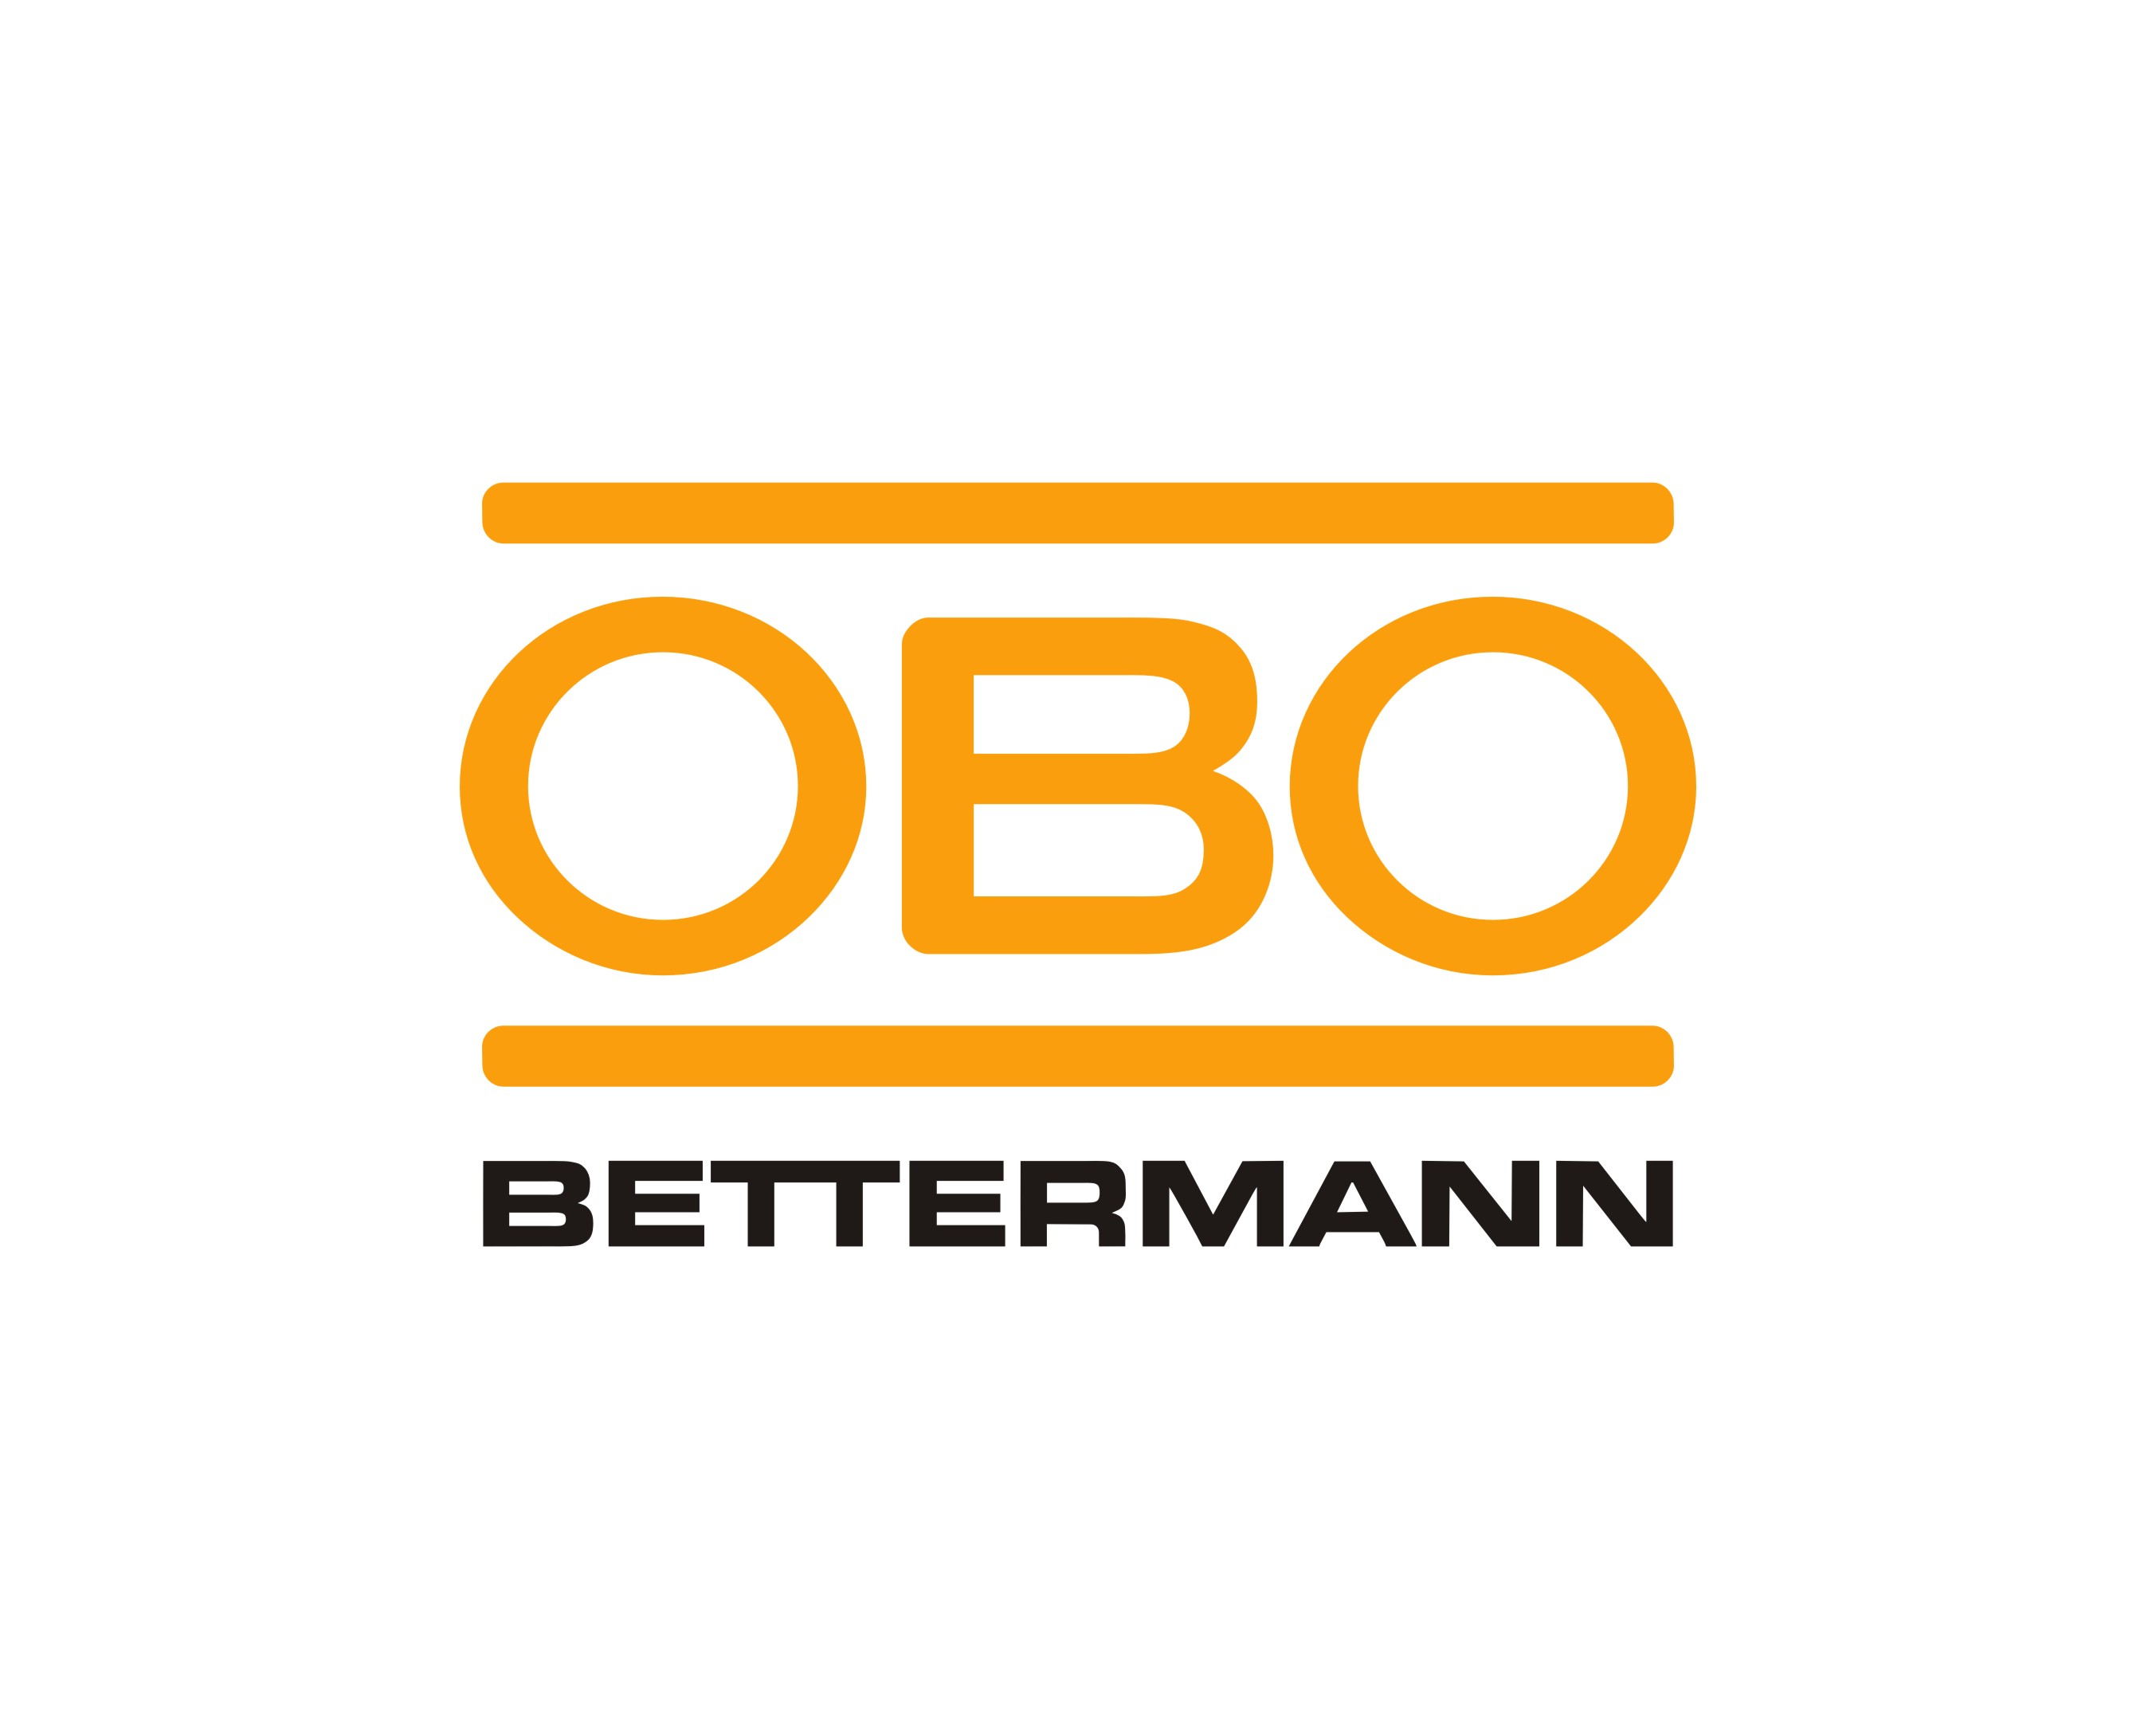 obo_bettermann.jpg